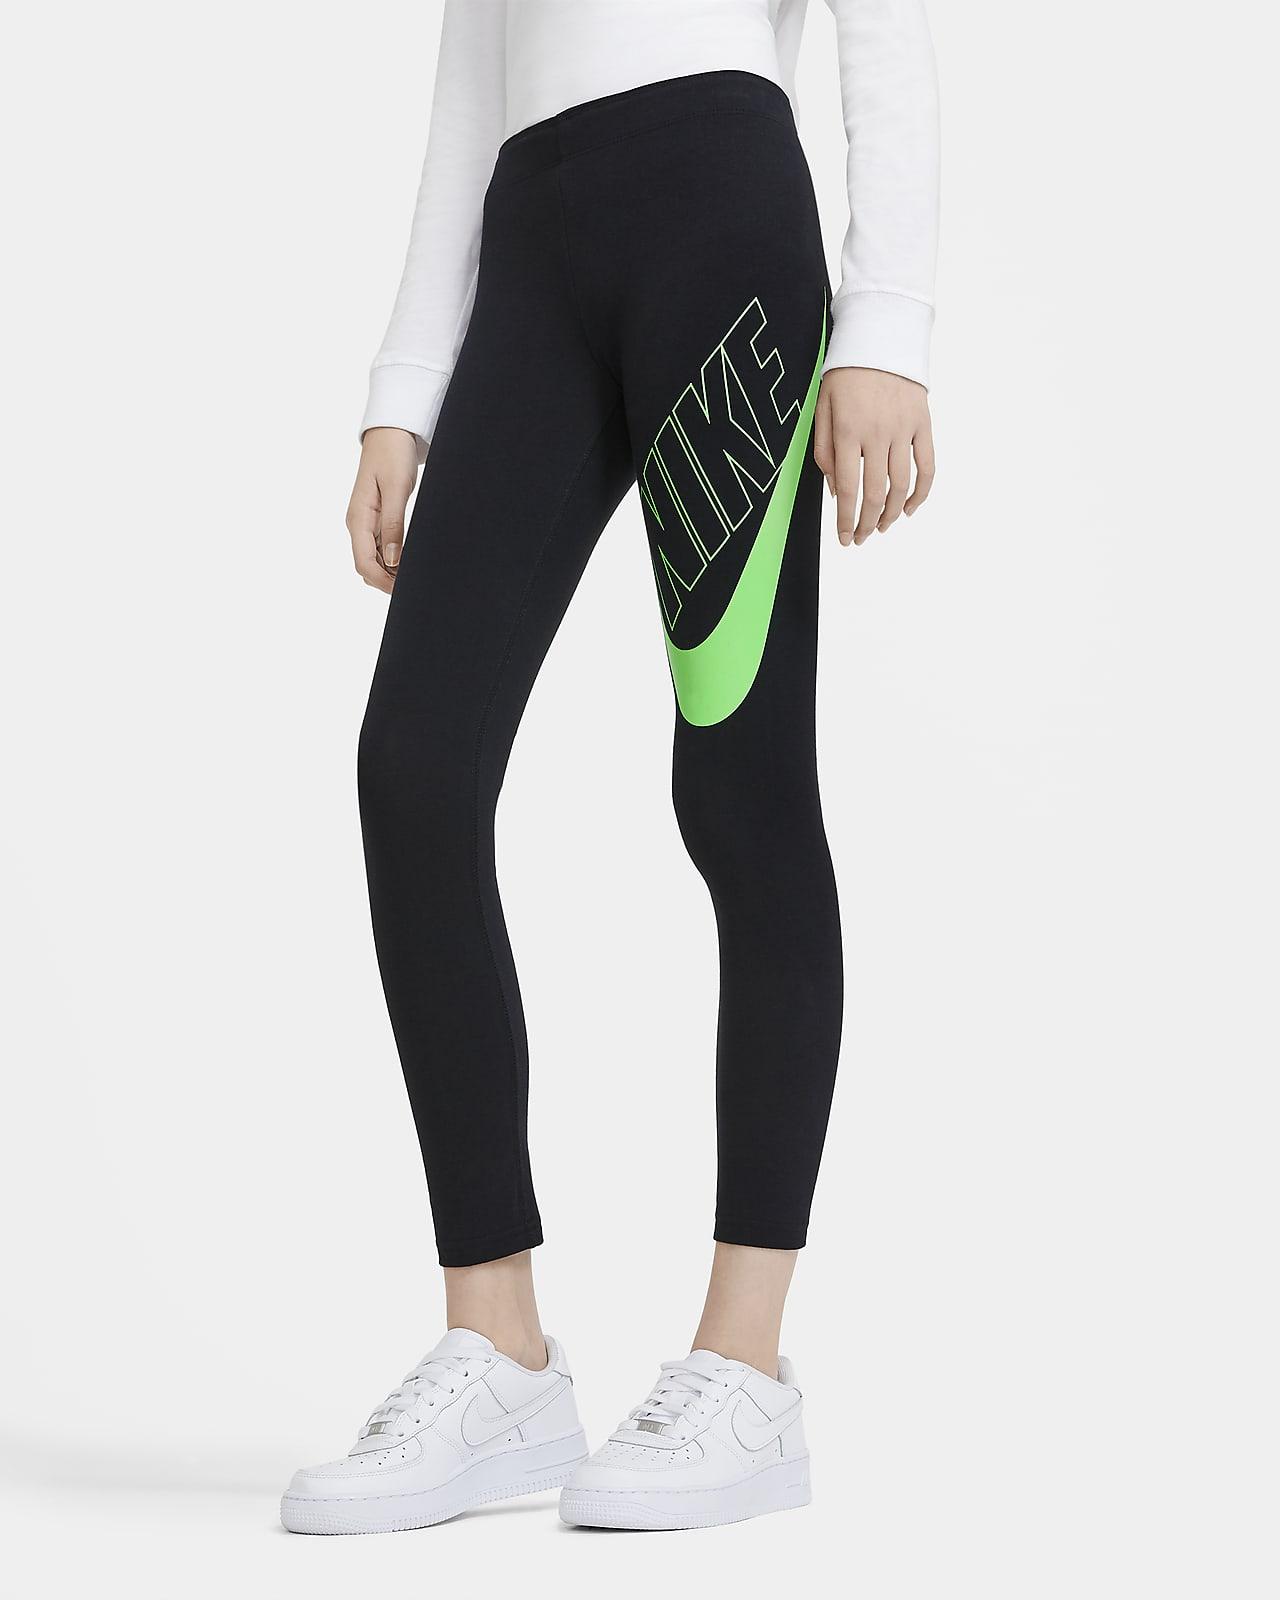 Nike Sportswear Favorites Leggings mit Leuchtgrafik für ältere Kinder (Mädchen)